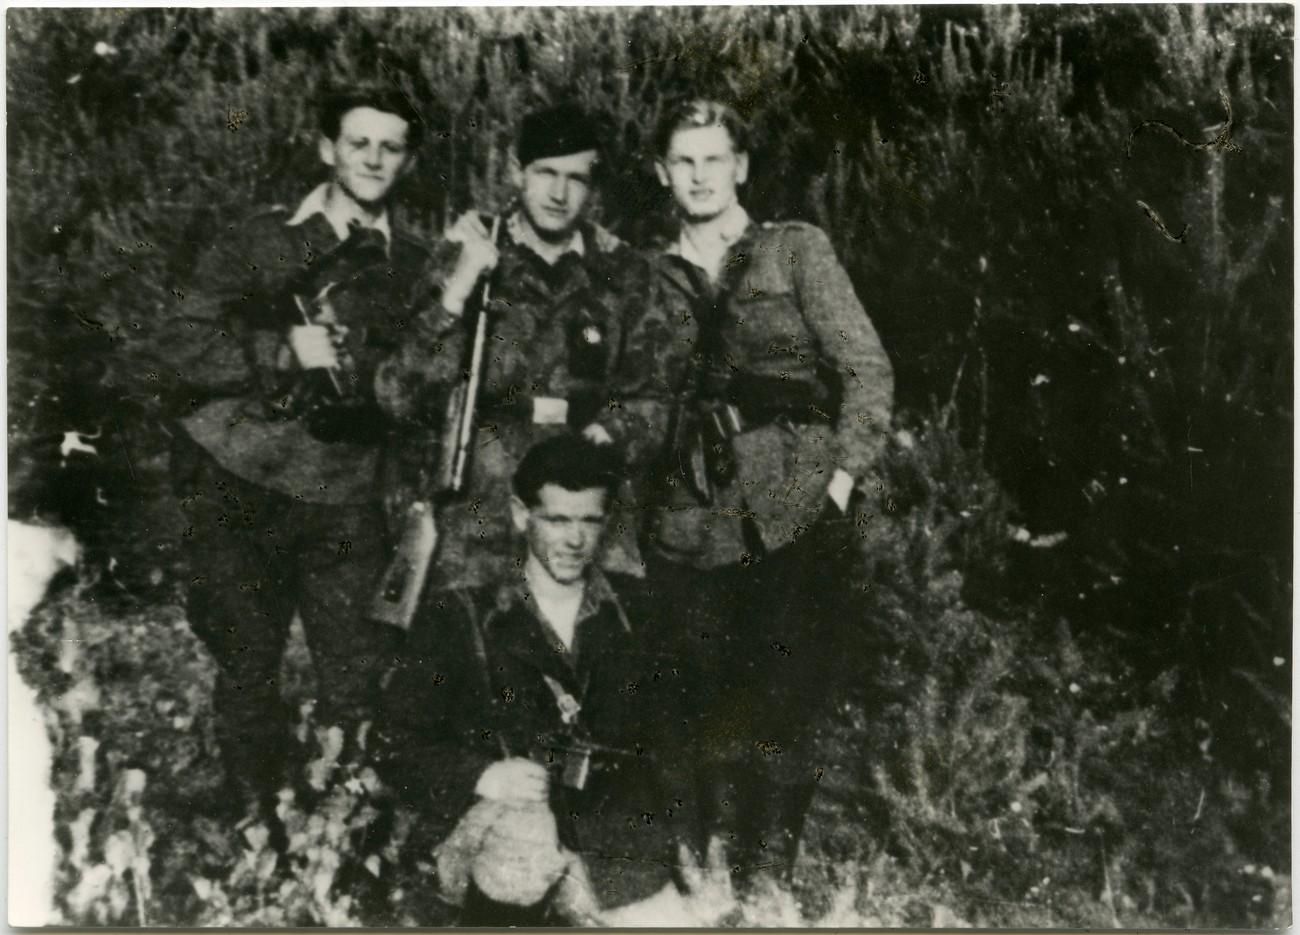 Narodni heroj Dane Šumenjak (prvi z desne) s soborci; 22. oktobra 1944 je padel v boju v Vaneči. PMMS.